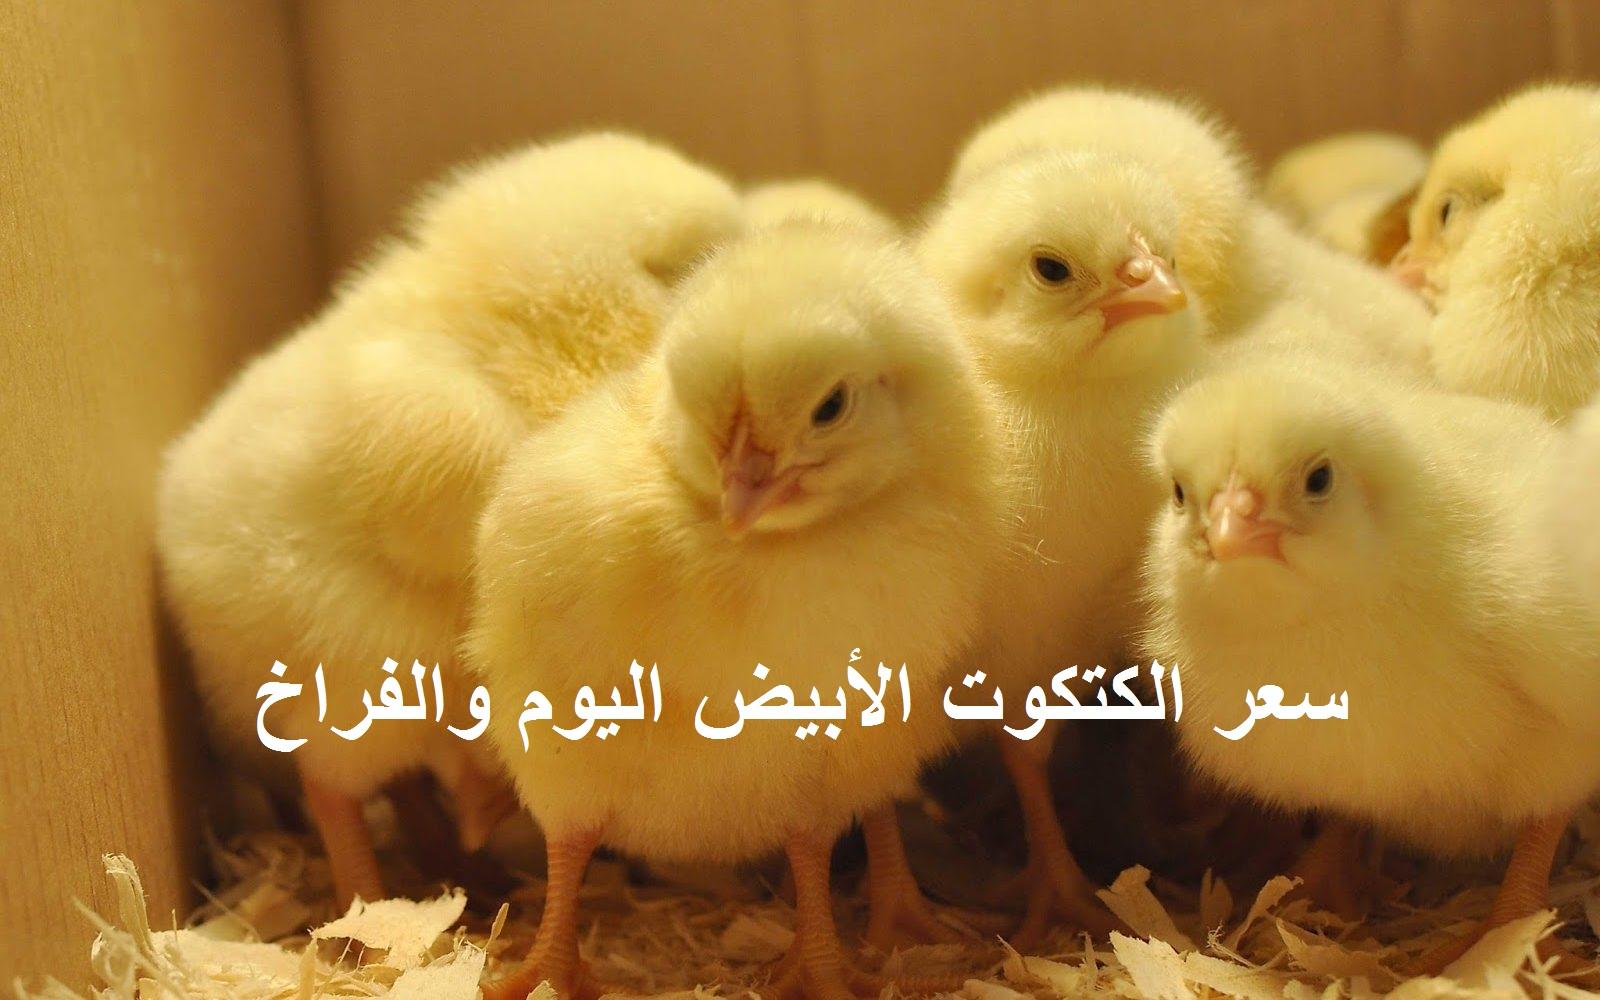 سعر الفراخ اليوم الخميس 27 مايو في بورصة الدواجن الرئيسية 5